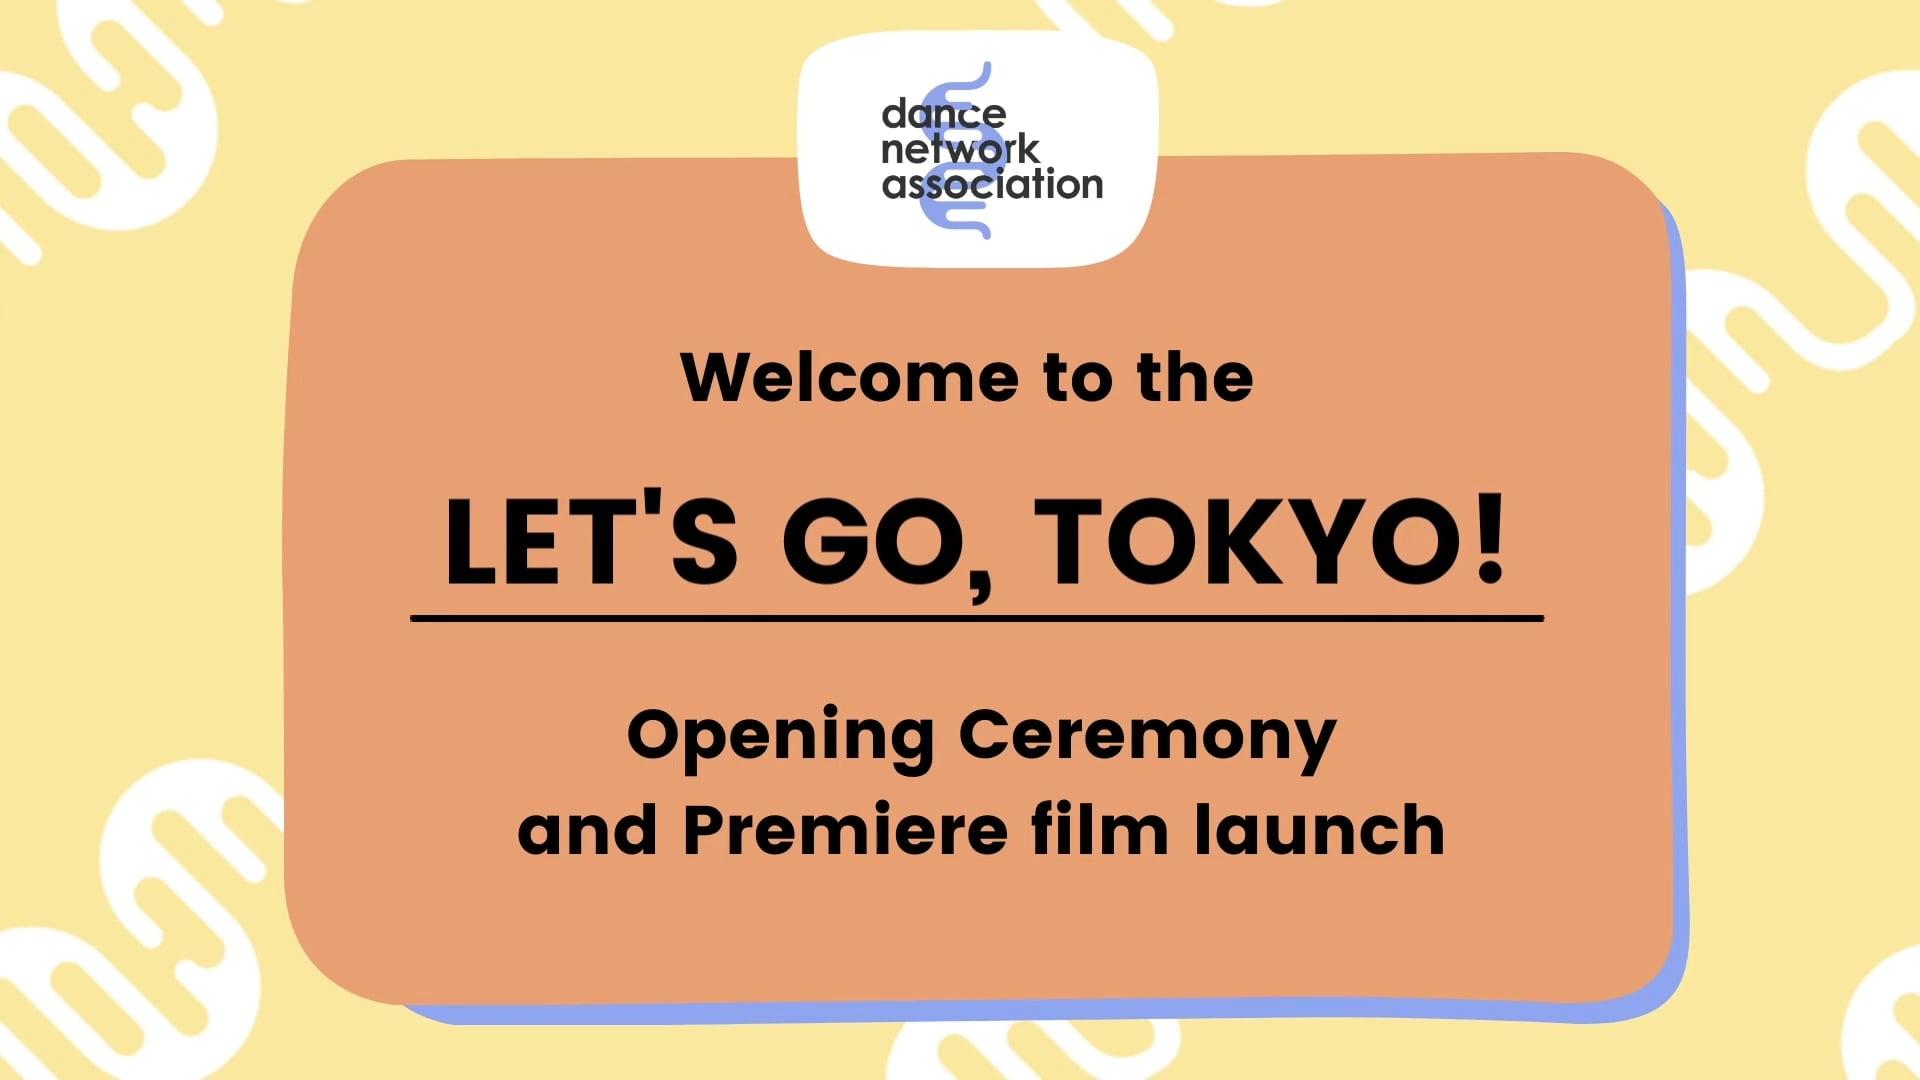 Let's Go, Tokyo! Barking & Dagenham 2021